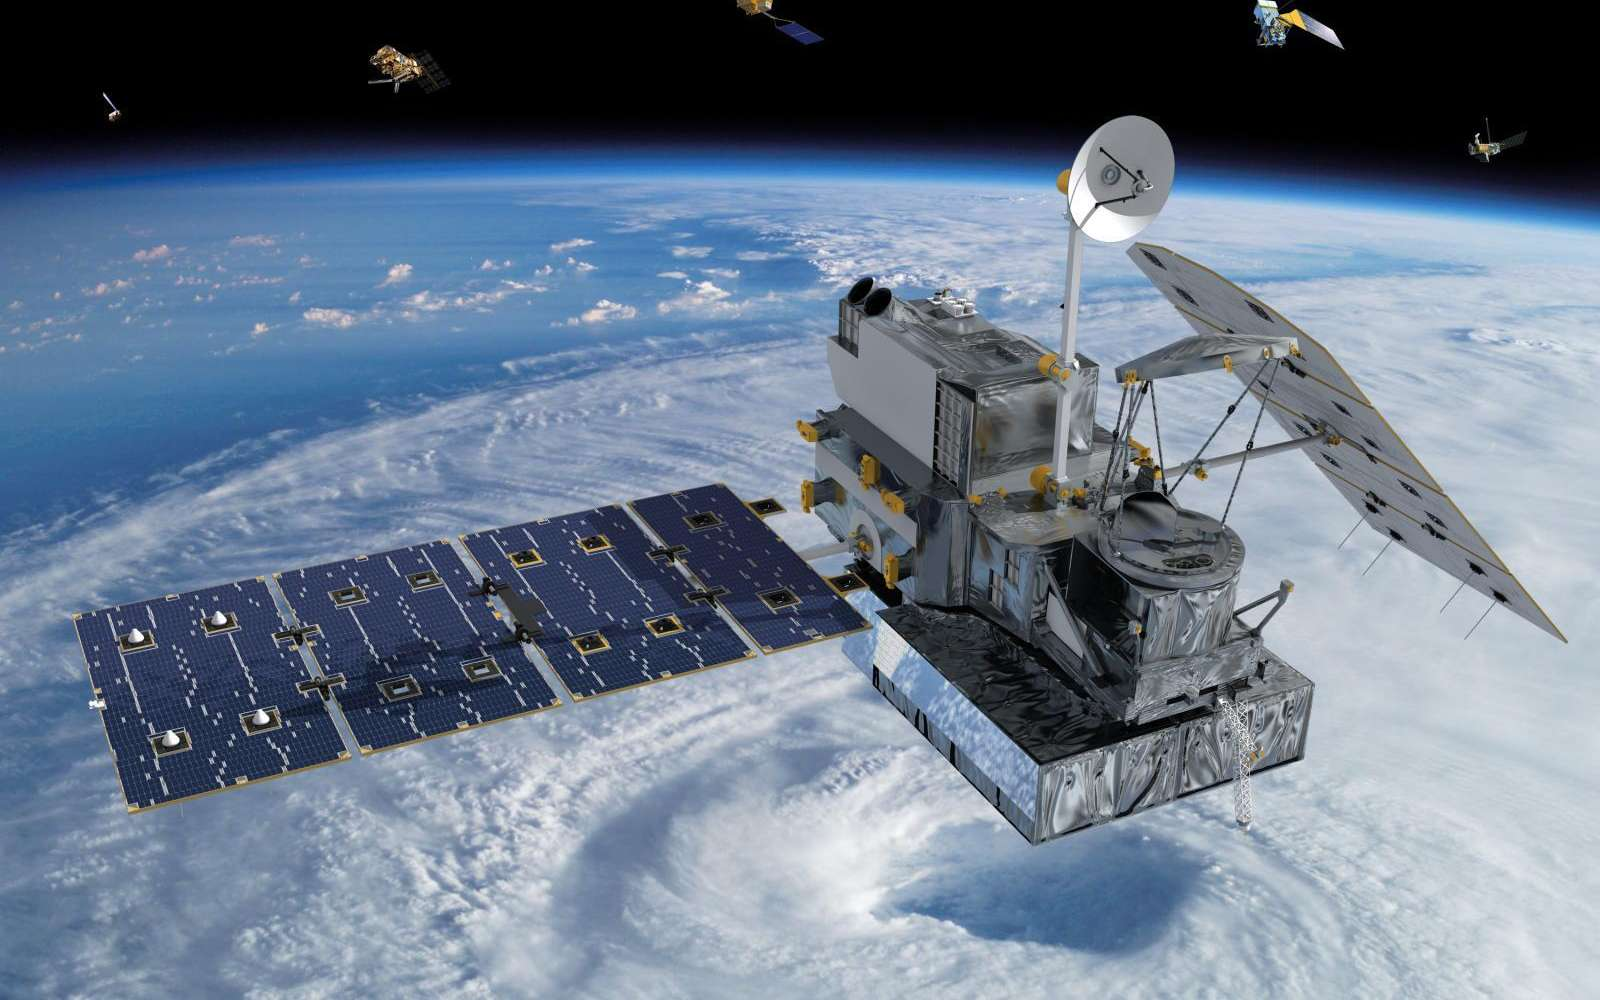 Les satellites météorologiques fournissent des informations sur la Terre qu'il est difficile d'obtenir au sol. Ils peuvent ainsi donner des indications sur le climat. © Nasa, Wikipédia, DP